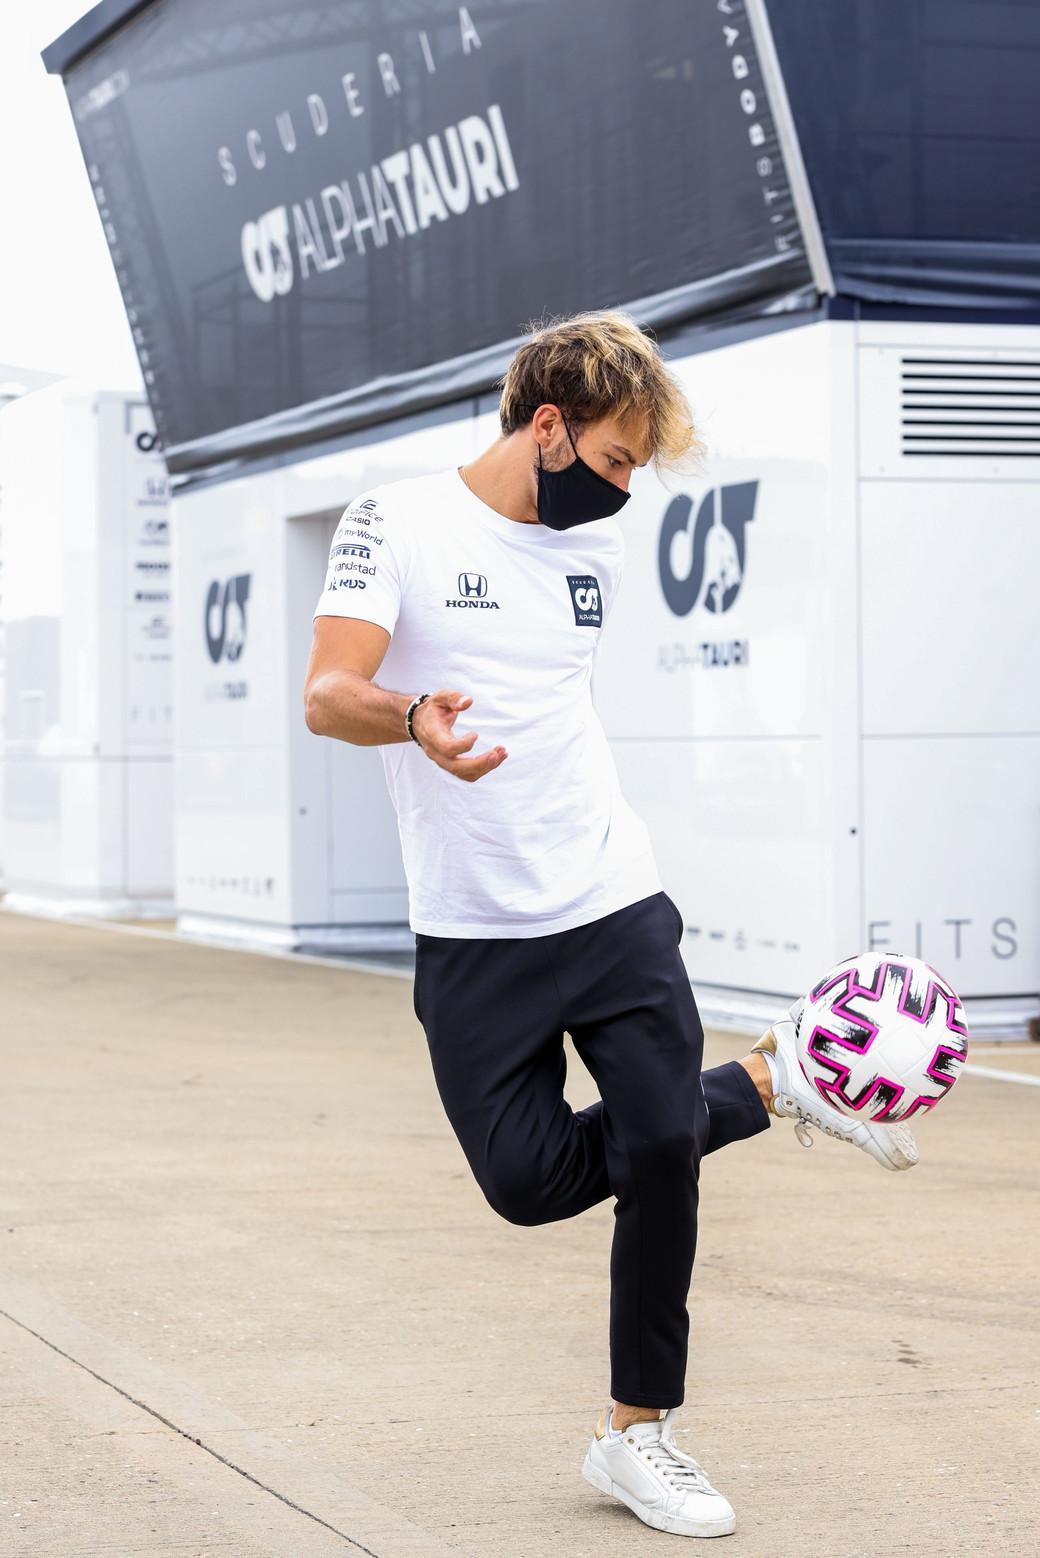 Nel secondo round di Silverstone tutti pronti a dare la caccia ad Hamilton. Intanto Gasly si diverte palleggiando nel paddock.<br /><br />